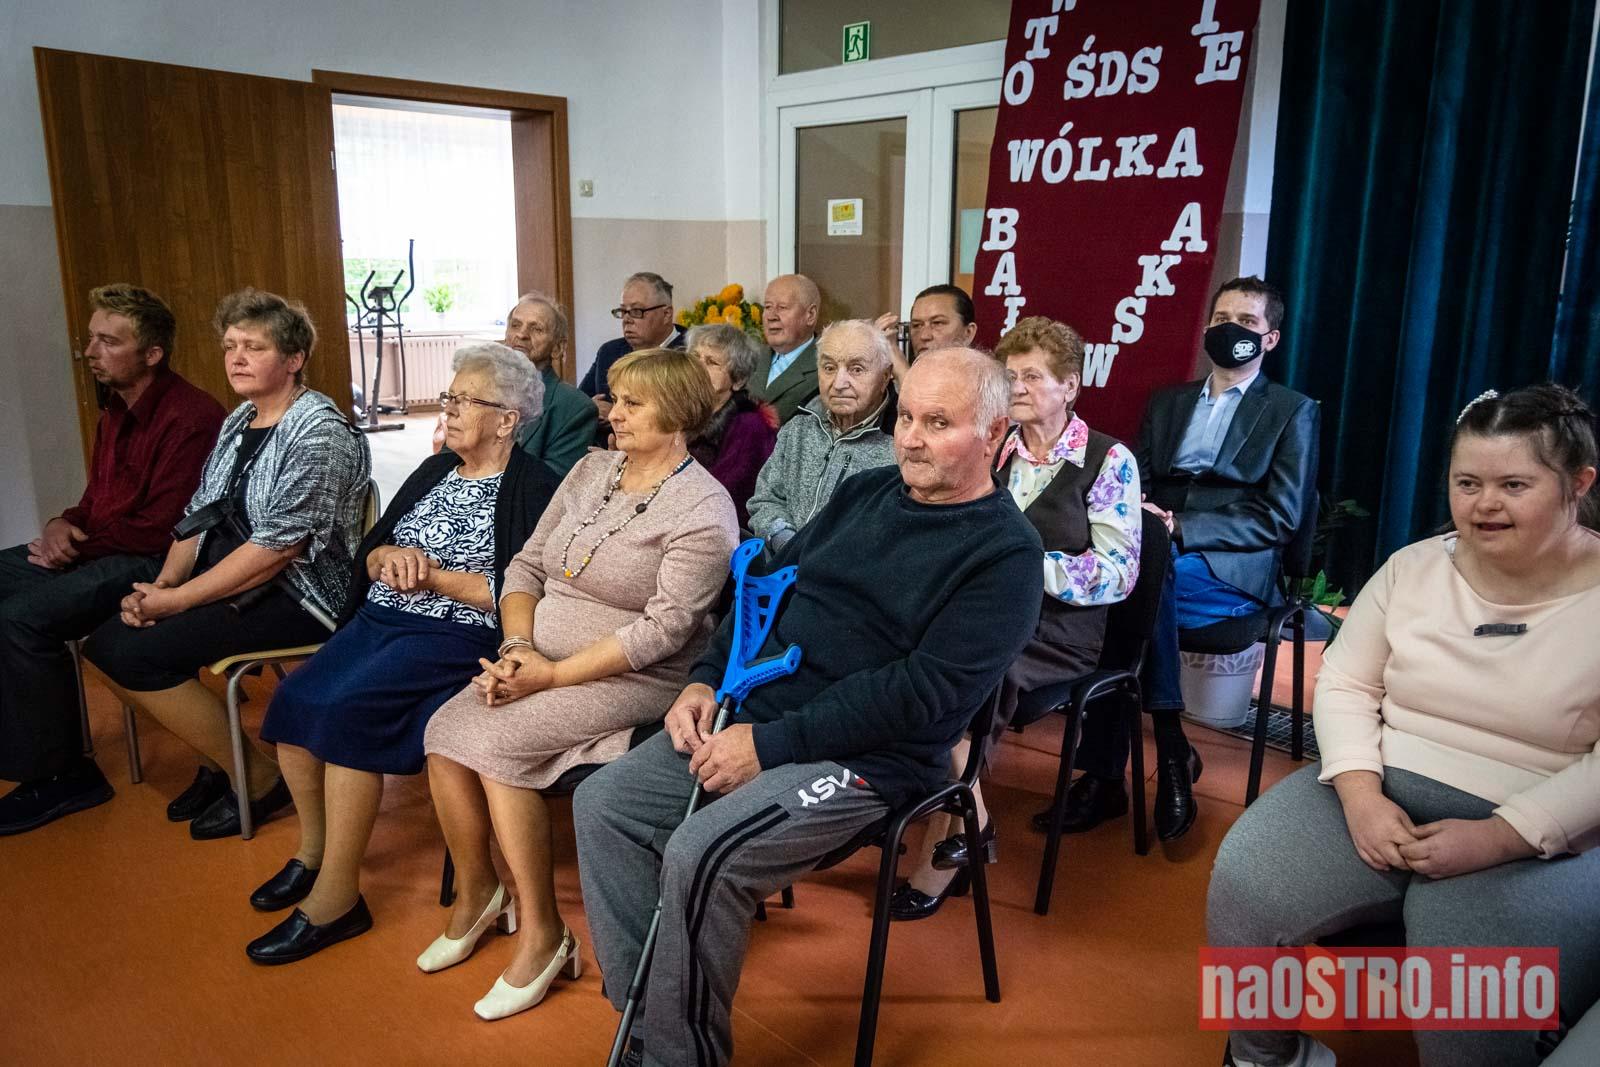 NaOSTROinfo otwarcie ŚDS w Wólce Bałtowskiej-109